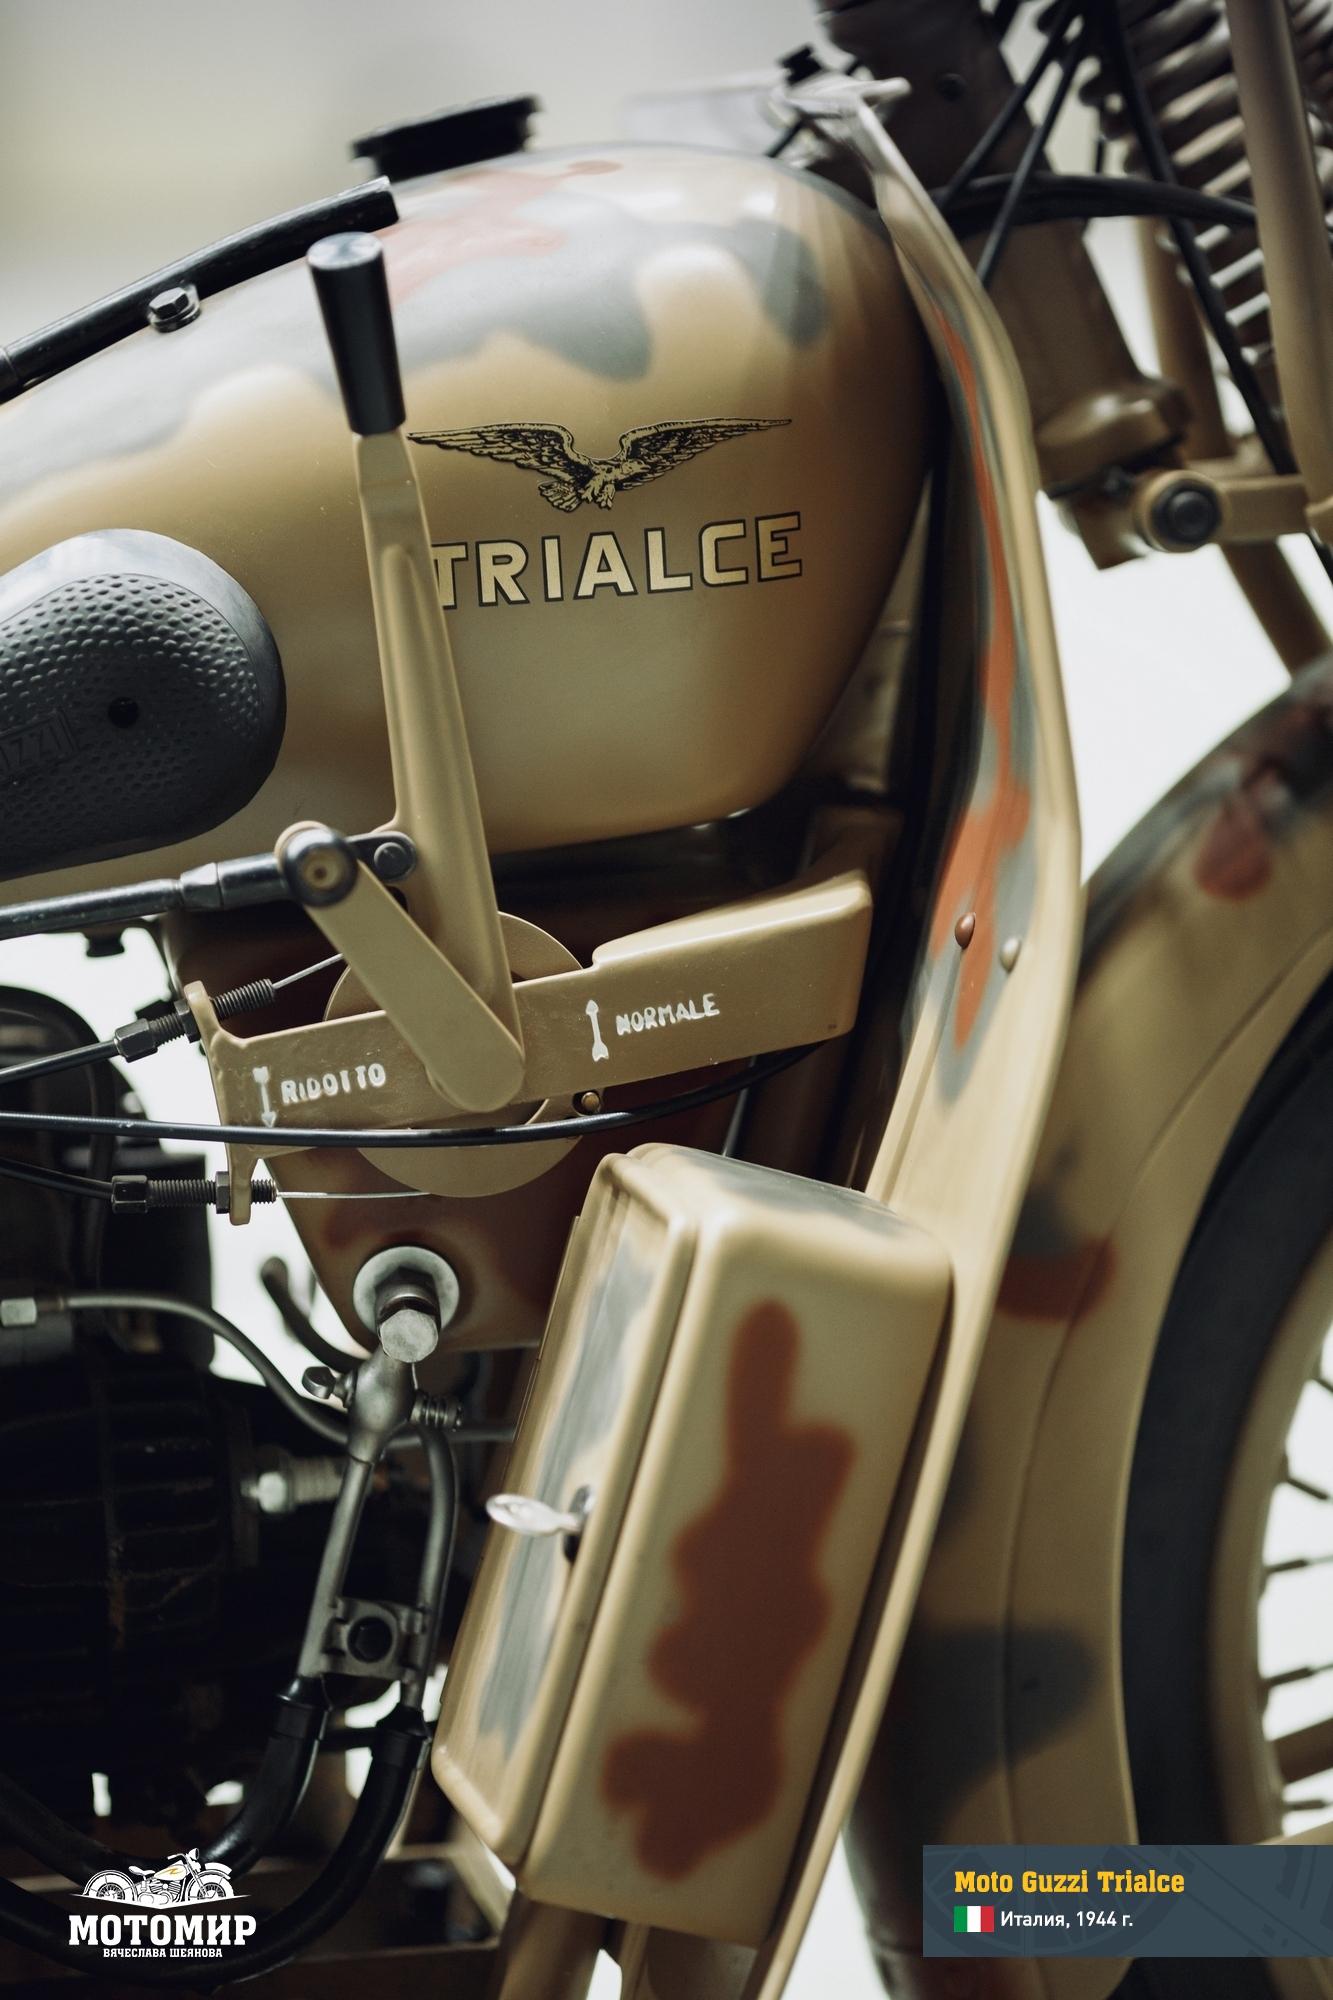 moto-guzzi-trialce-201502-web-18